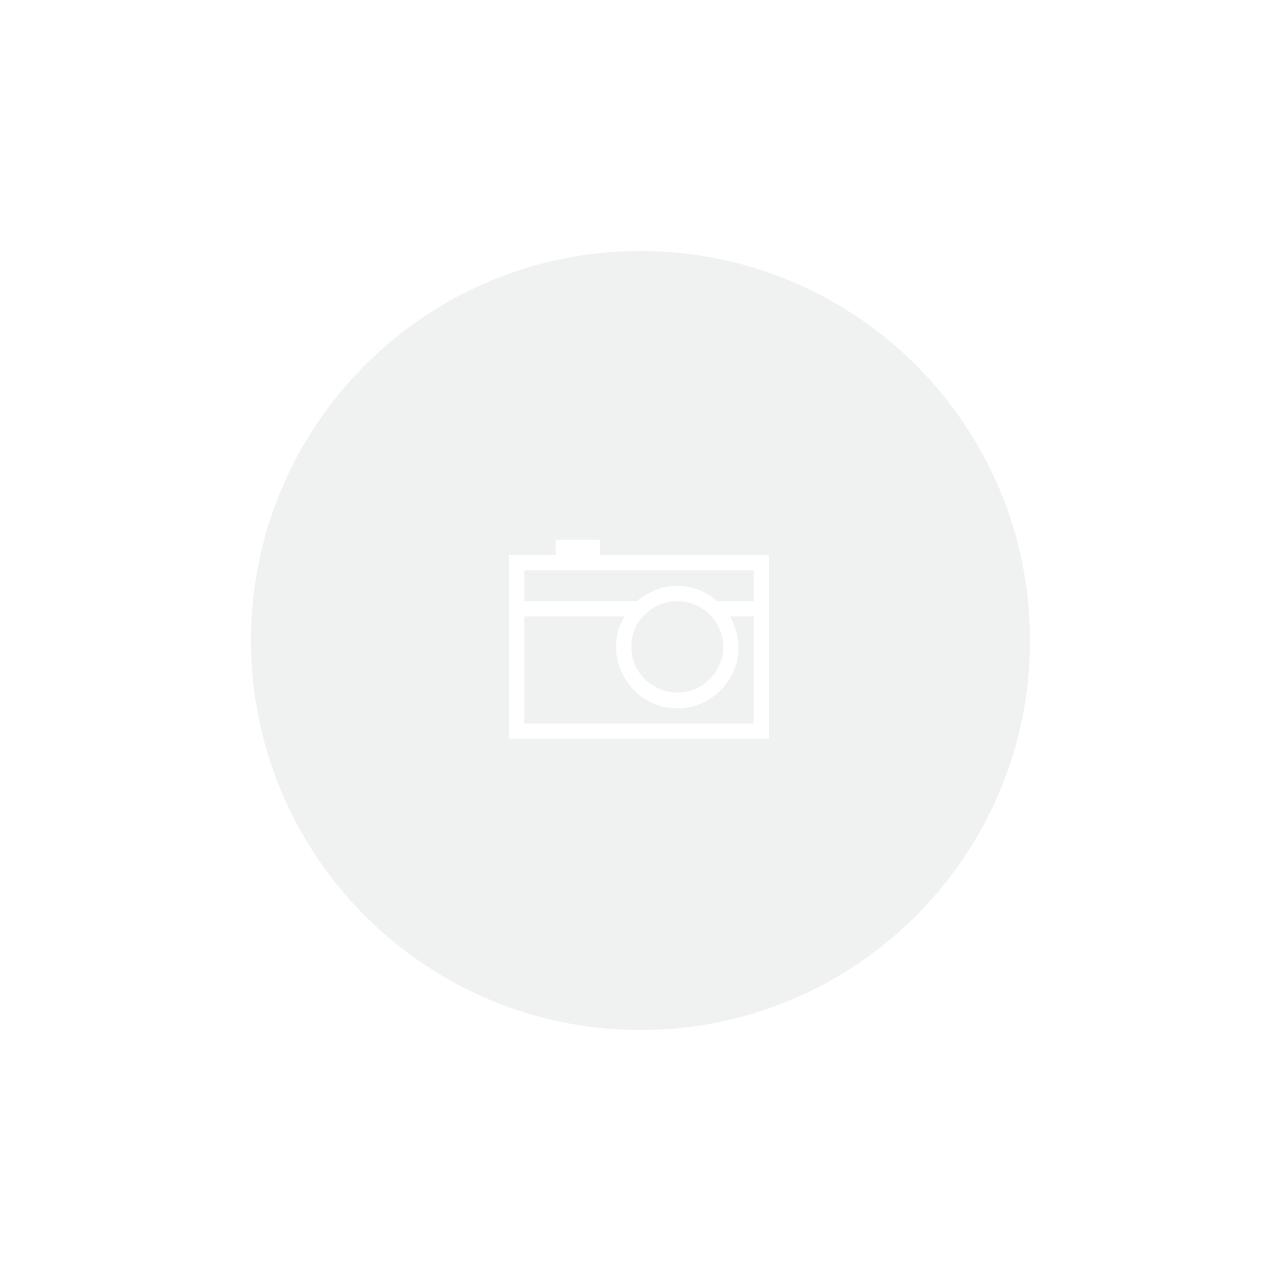 Almofada Shantung c/ Aplicação Cordão Preto